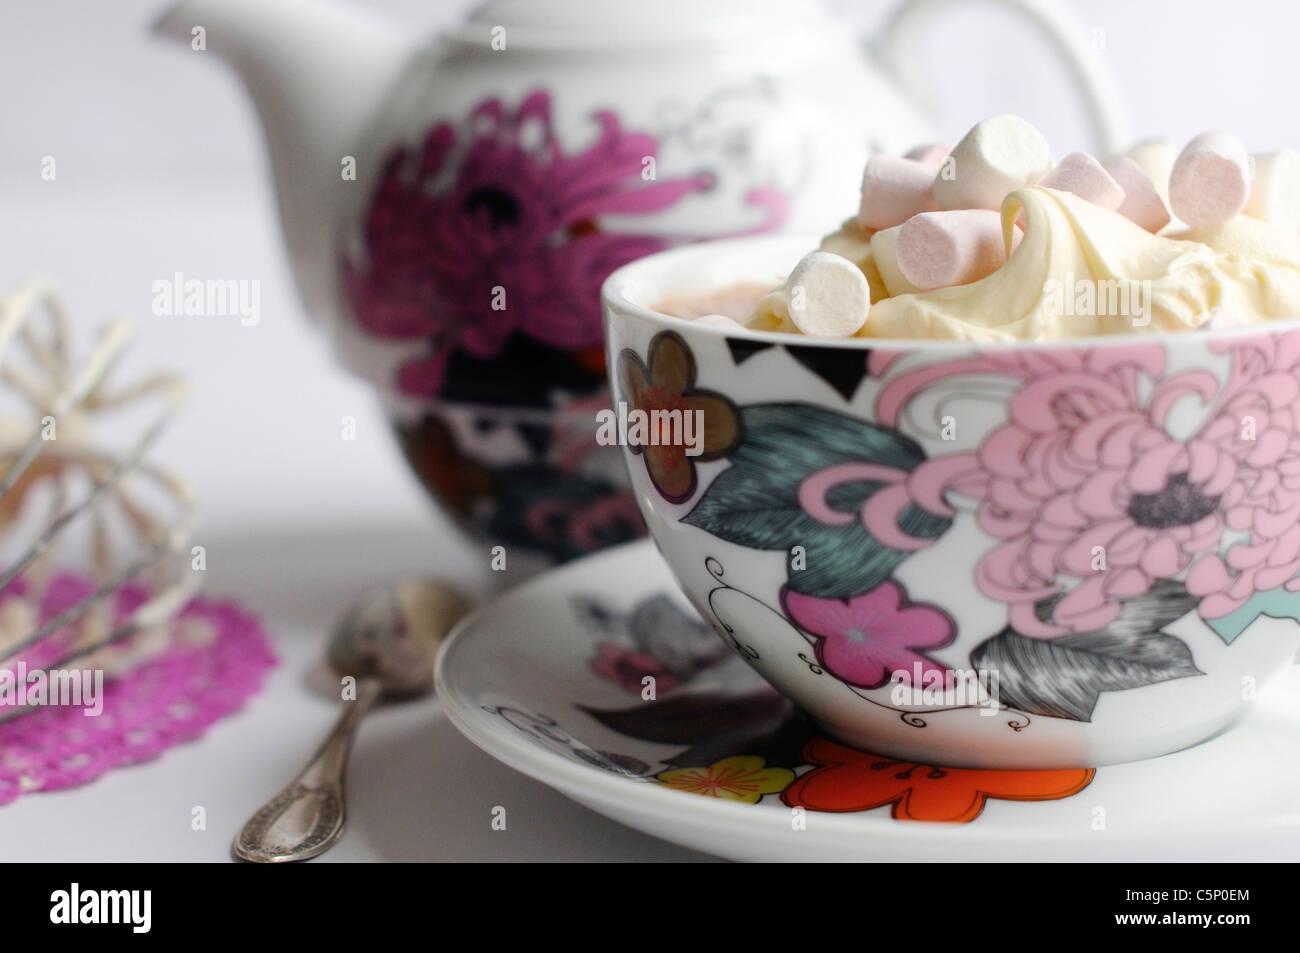 Chocolat chaud avec de la crème fouettée et des mini guimauves Photo Stock